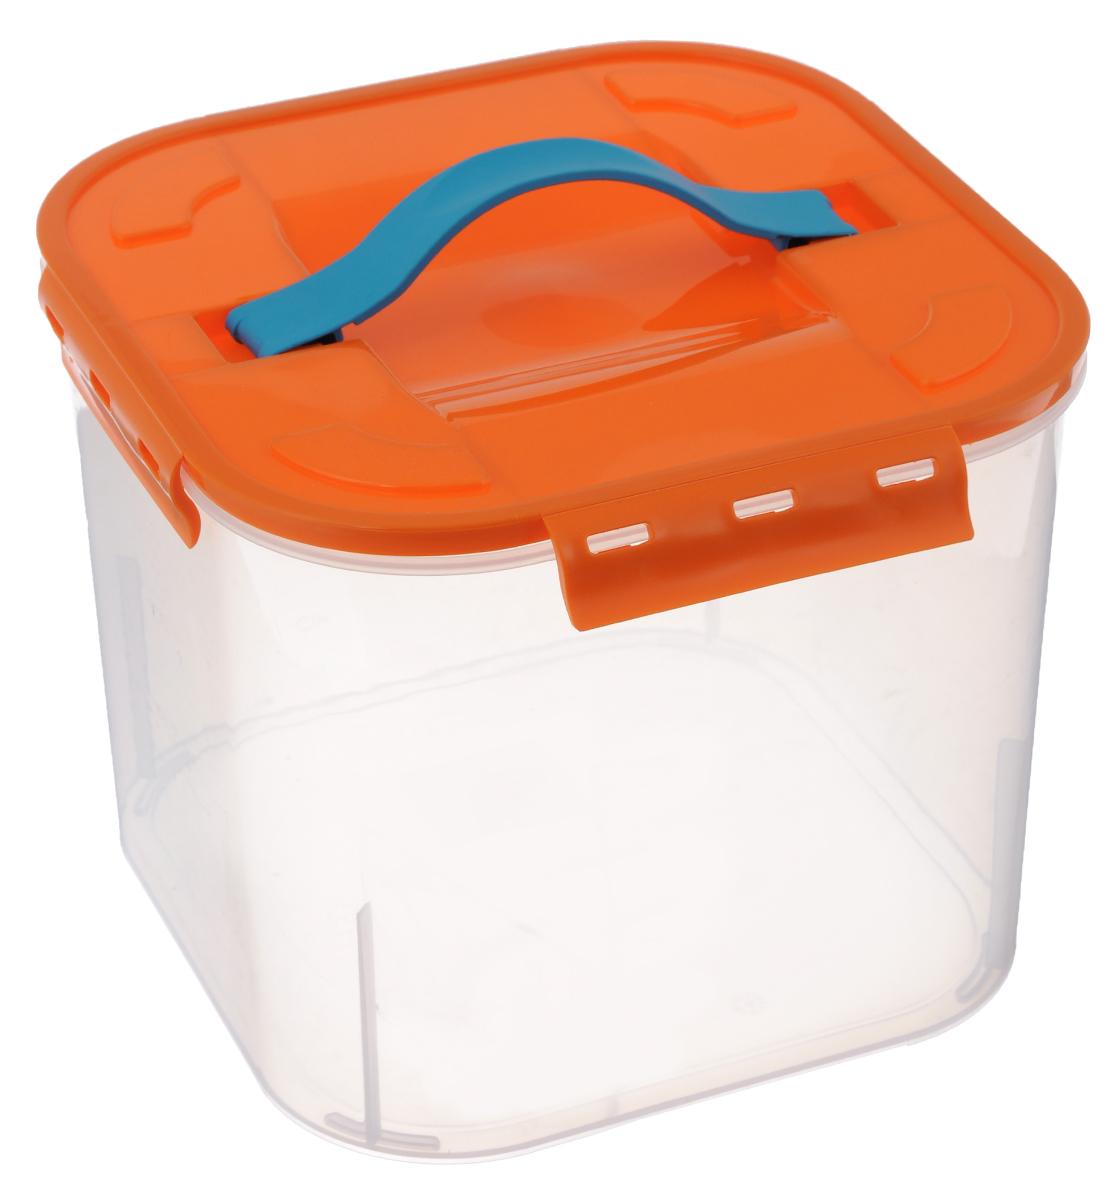 Контейнер для хранения Idea, цвет: оранжевый, прозрачный, 7 л25051 7_желтыйКонтейнер для хранения Idea выполнен из прочного полипропилена. Он идеально подойдет для хранения пищевых продуктов, а также любых мелких бытовых предметов: канцелярии, принадлежностей для шитья и многого другого. Контейнер плотно закрывается цветной крышкой с 4 защелками. Для удобства переноски сверху имеется ручка, выполненная из термоэластопласта. Контейнер Idea очень вместителен, он пригодится в любом хозяйстве.Материал: полипропилен, термоэластопласт.